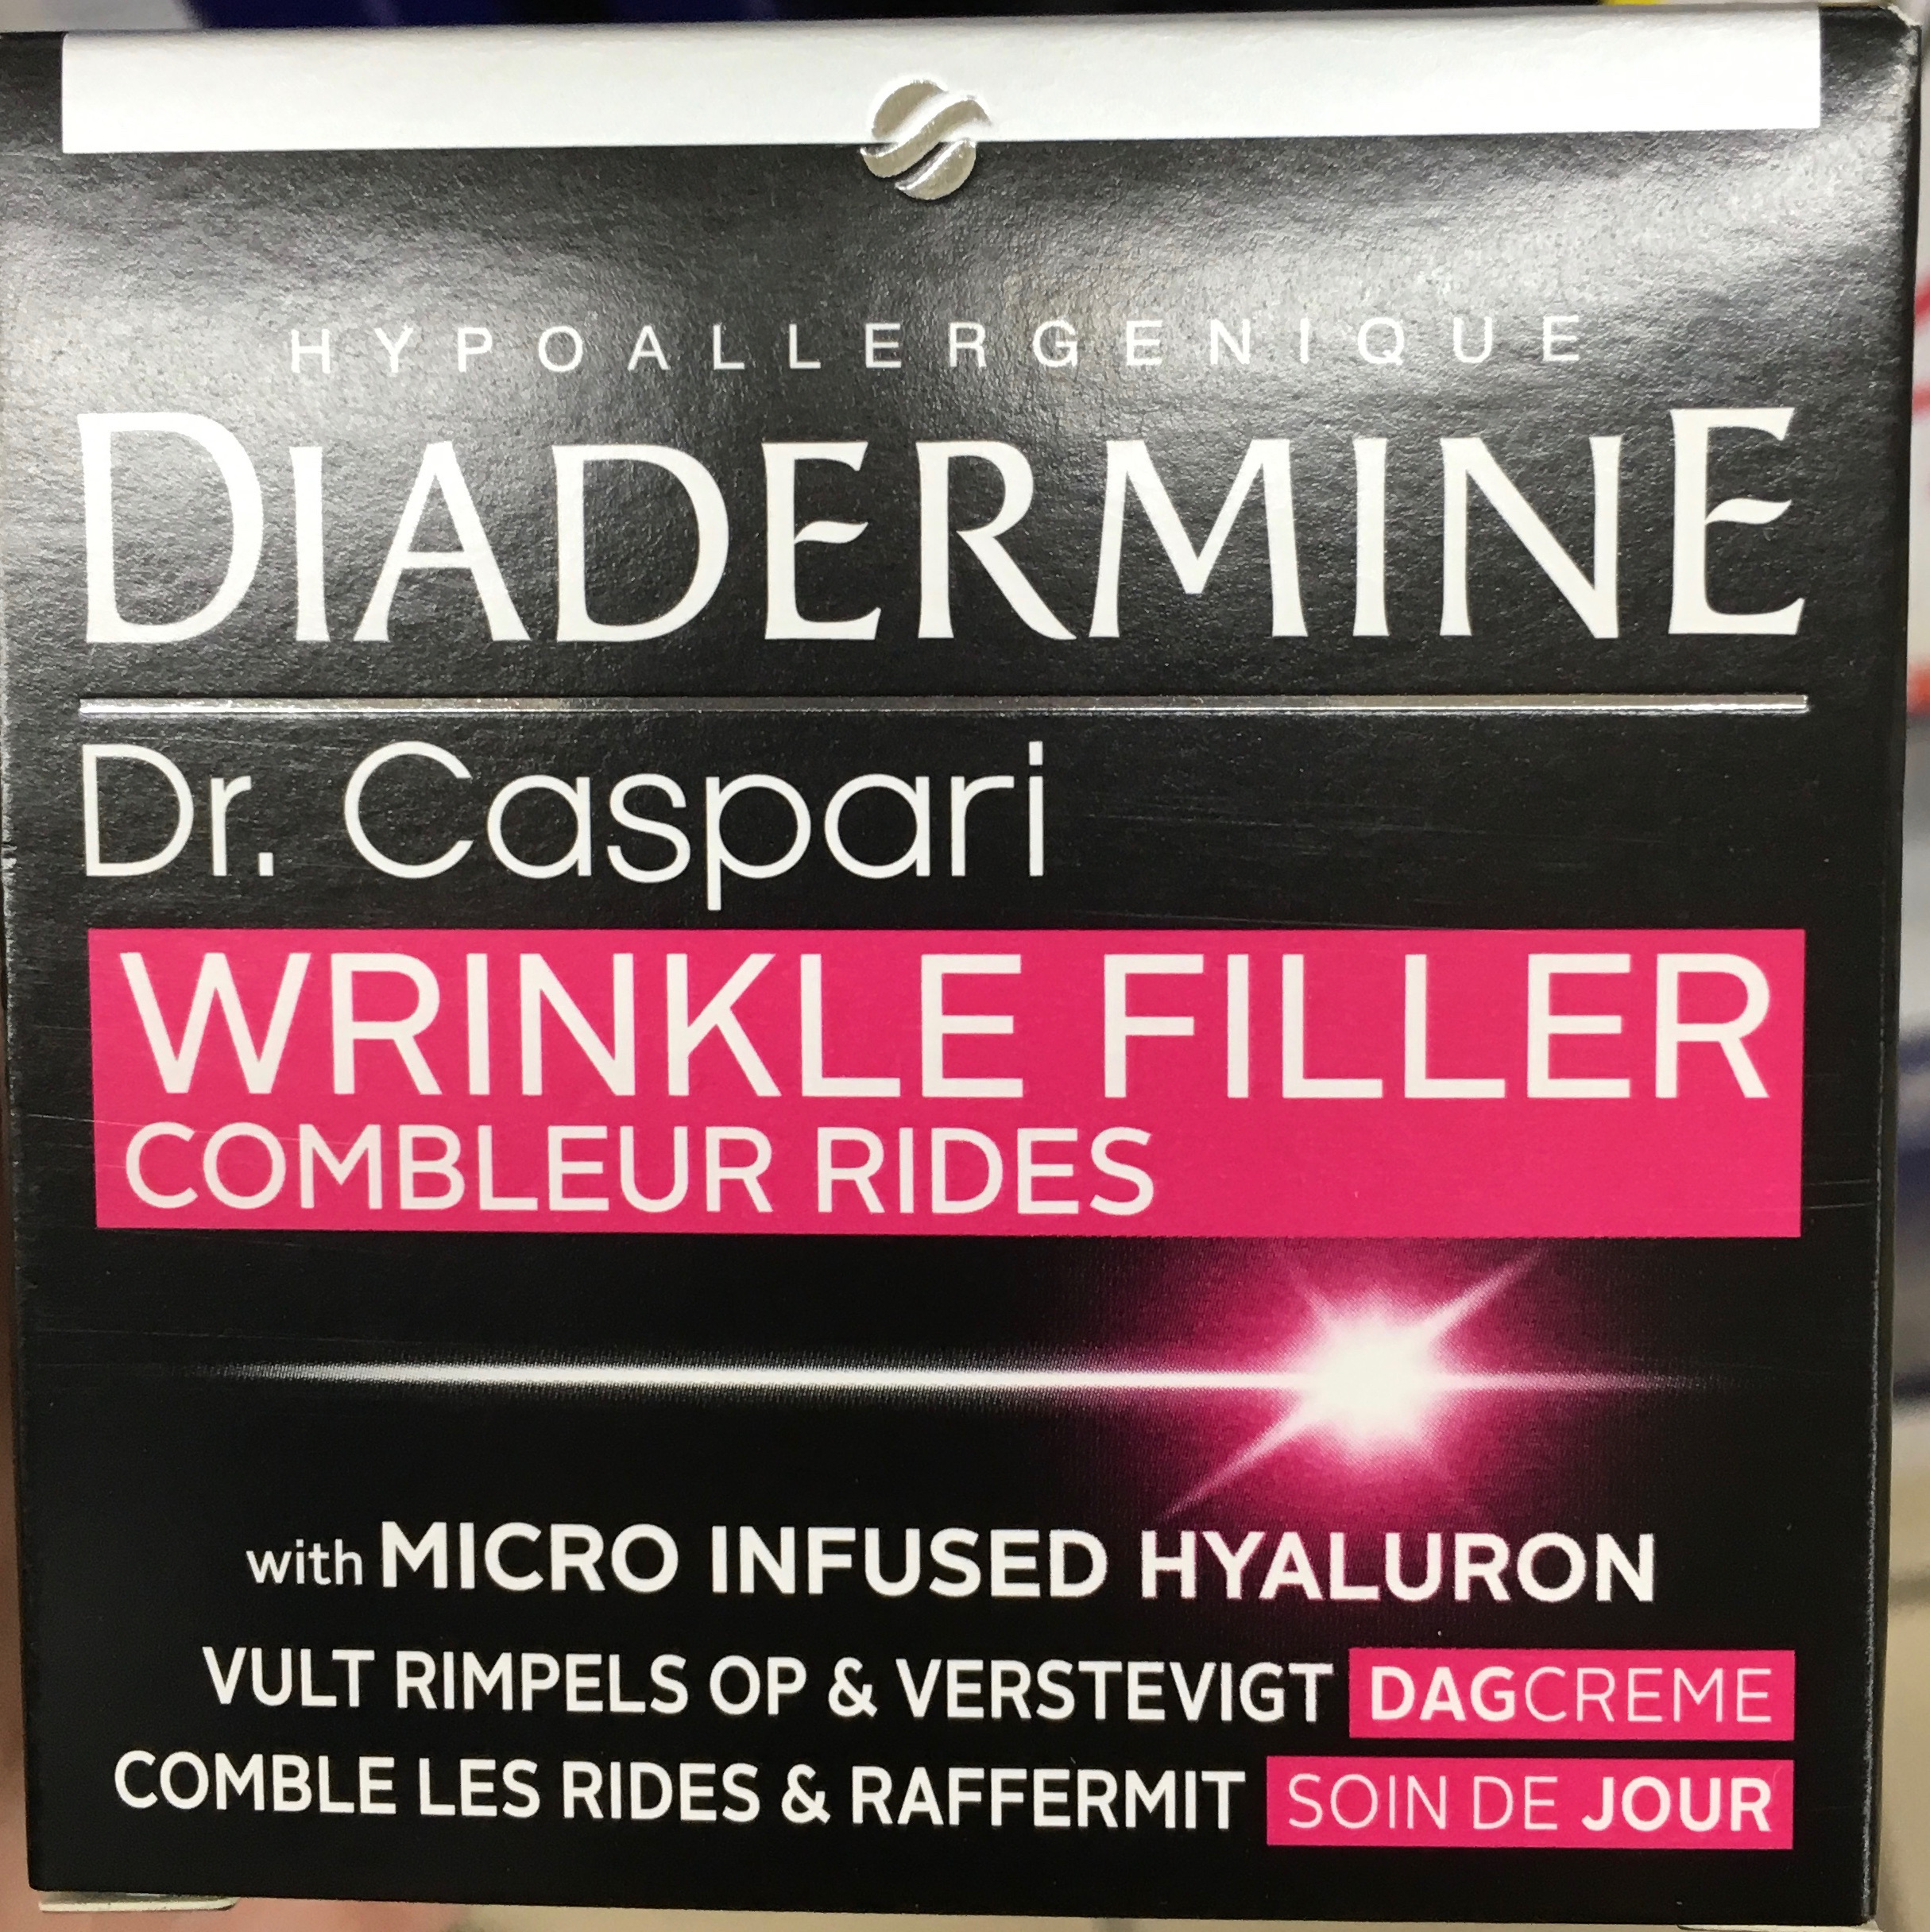 Dr. Caspari Combleur Rides - Produit - fr